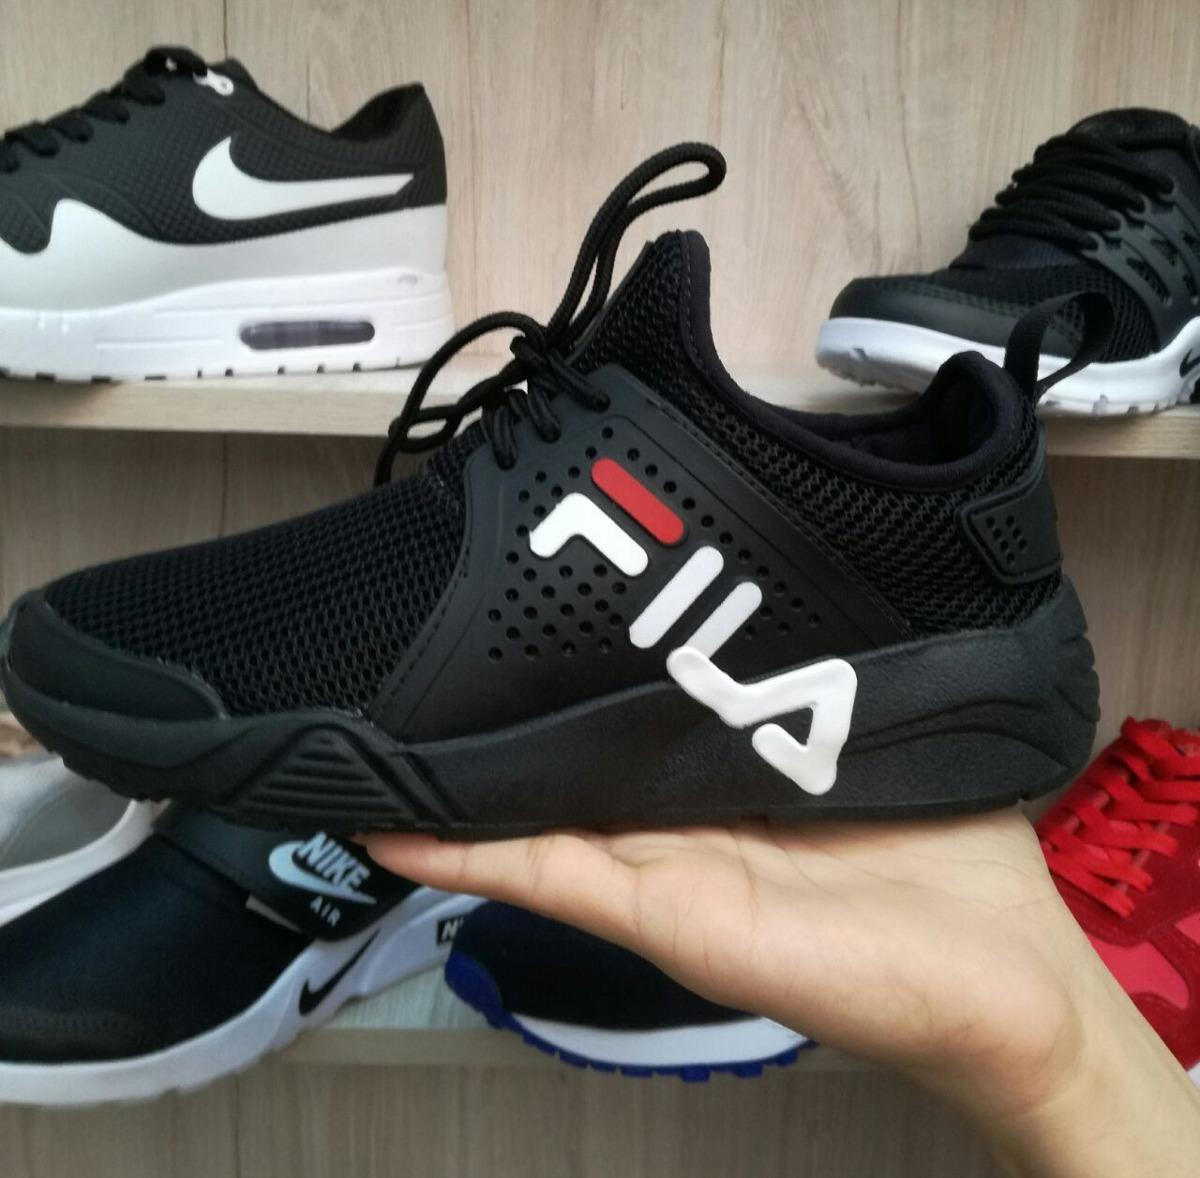 Fila Hombre En Deportivos Zapatos 75 Mujer Unisex 000 Tenis 6wqS1gq